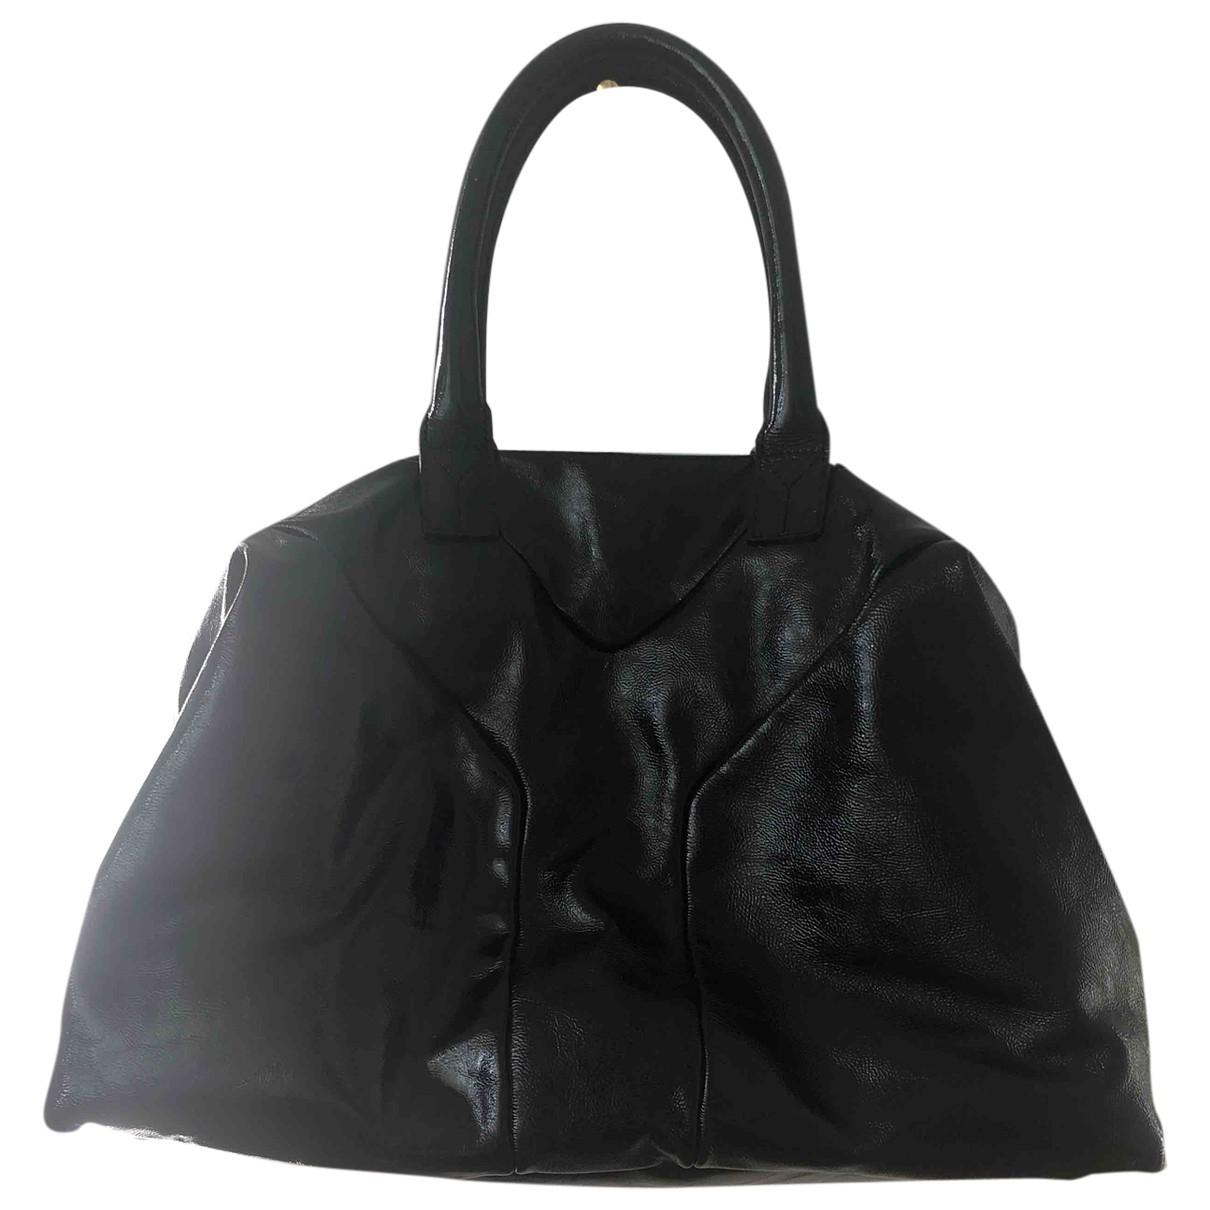 Yves Saint Laurent Easy Black Patent leather handbag for Women \N